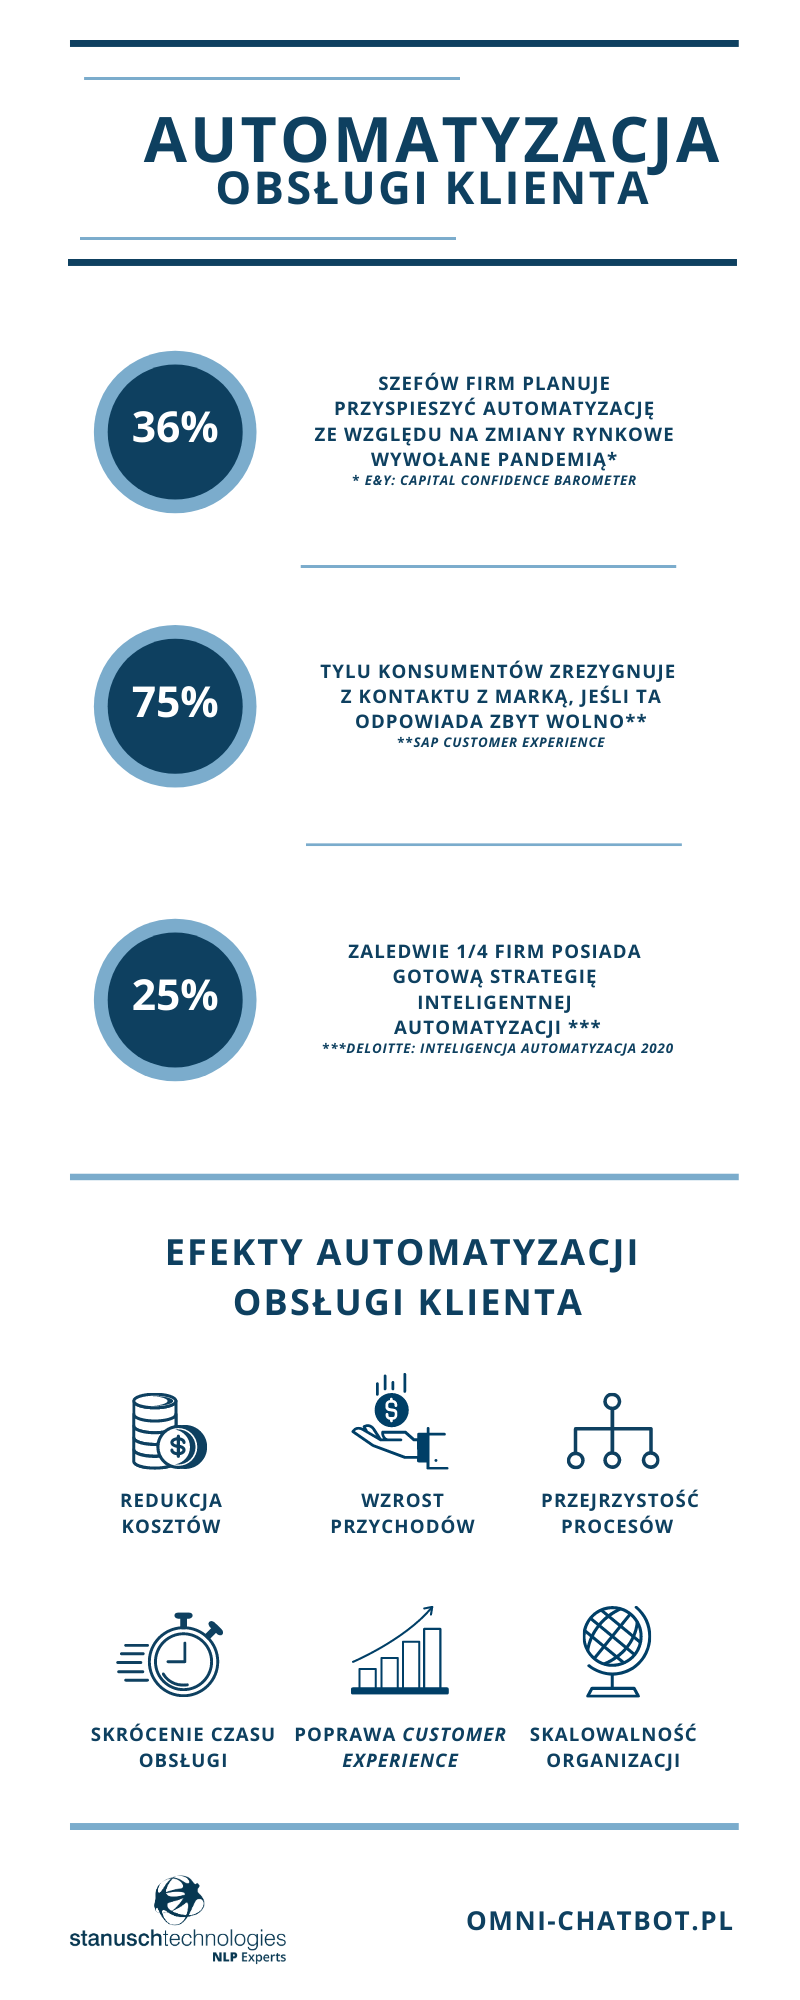 automatyzacja obsługi klienta i jej efekty